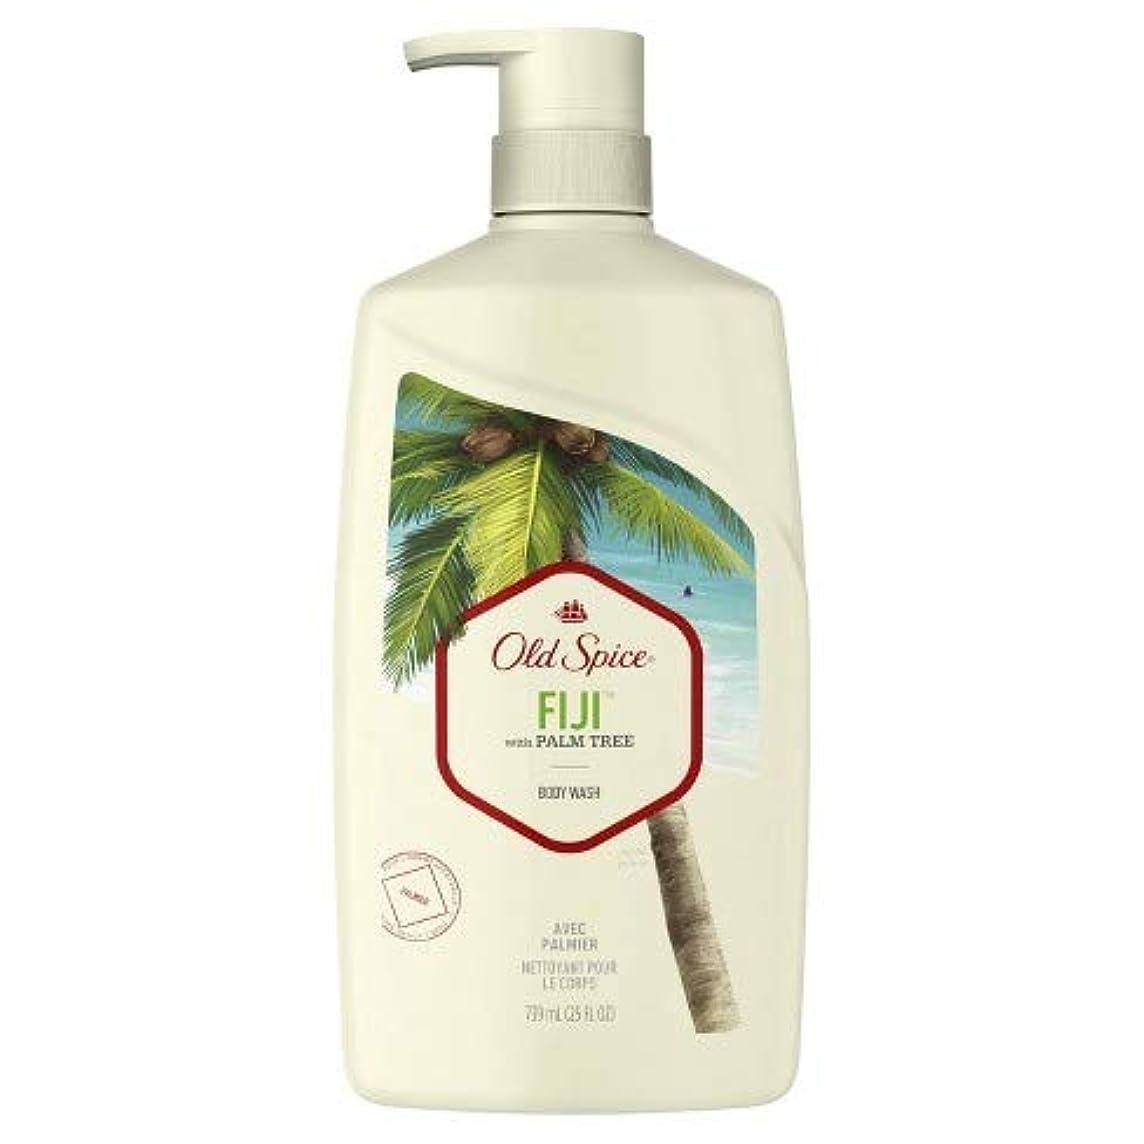 速度招待先オールドスパイス フィジー ボディーソープ 799ml OldSpice Fiji Bodywash 25oz